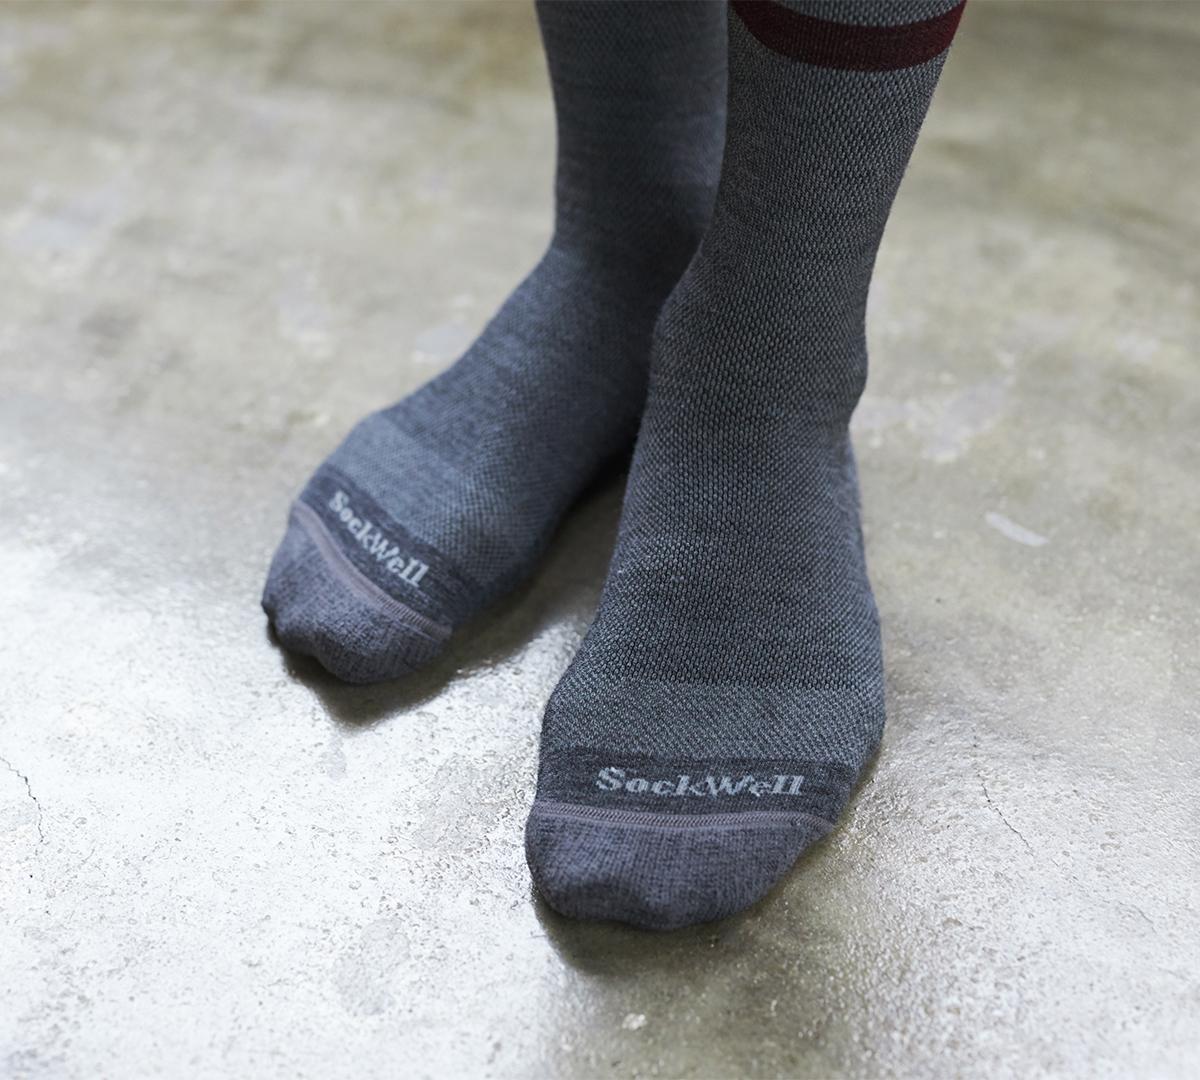 一日中心地よさが続く、ほどよい締めつけ感。夏は涼しく冬は暖かいメリノウールを使用した、血液やリンパの流れをサポートする着圧ソックス(健康ソックス・靴下)|Sockwell(ソックウェル)